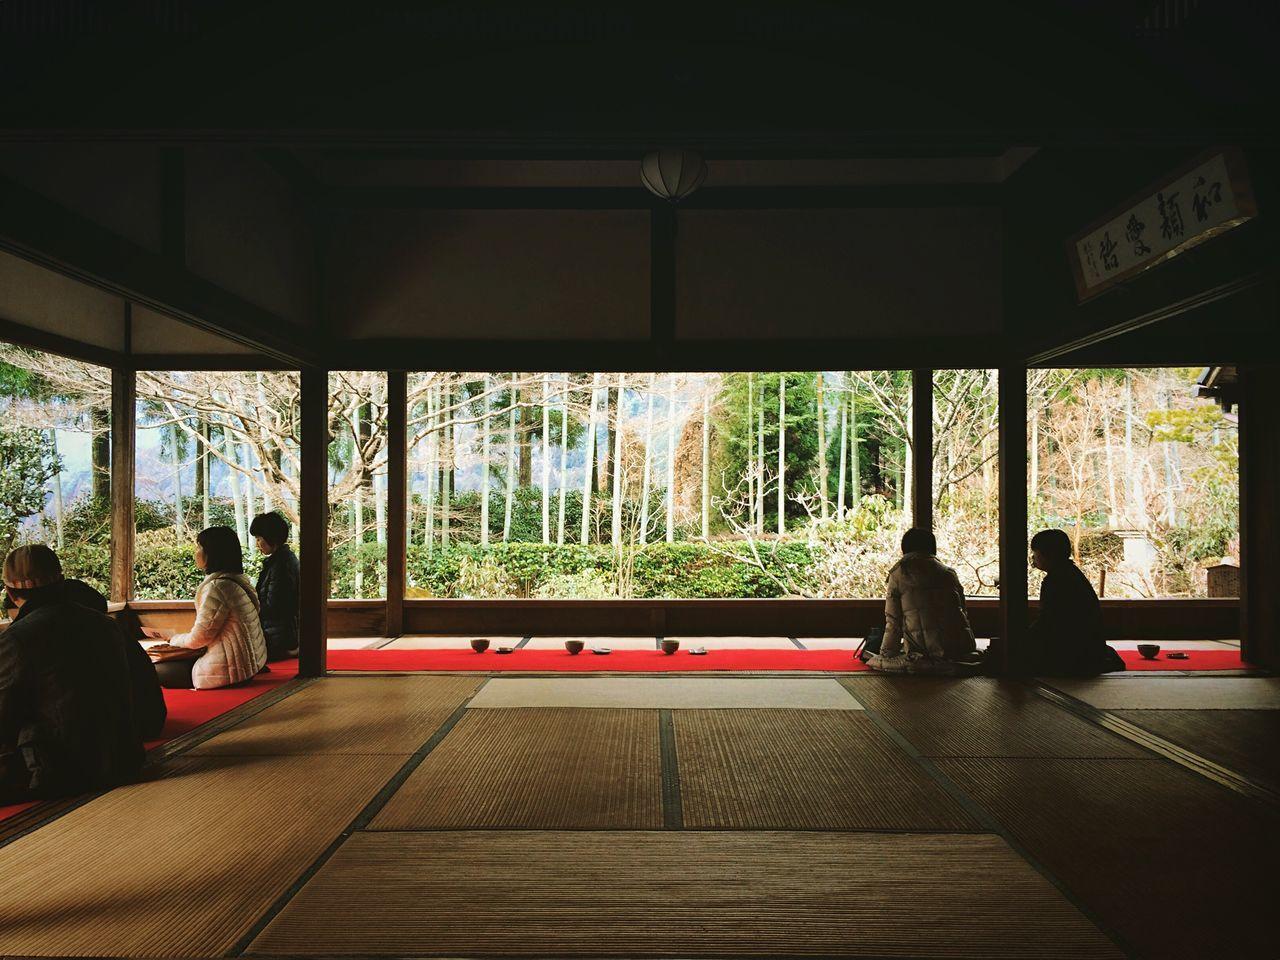 宝泉院 大原 京都 Kyoto Kyoto, Japan Kyoto Garden Japanese Garden Travel Destinations 3XSPUnity Beauty In Nature Enjoying Life Hello World Relaxing